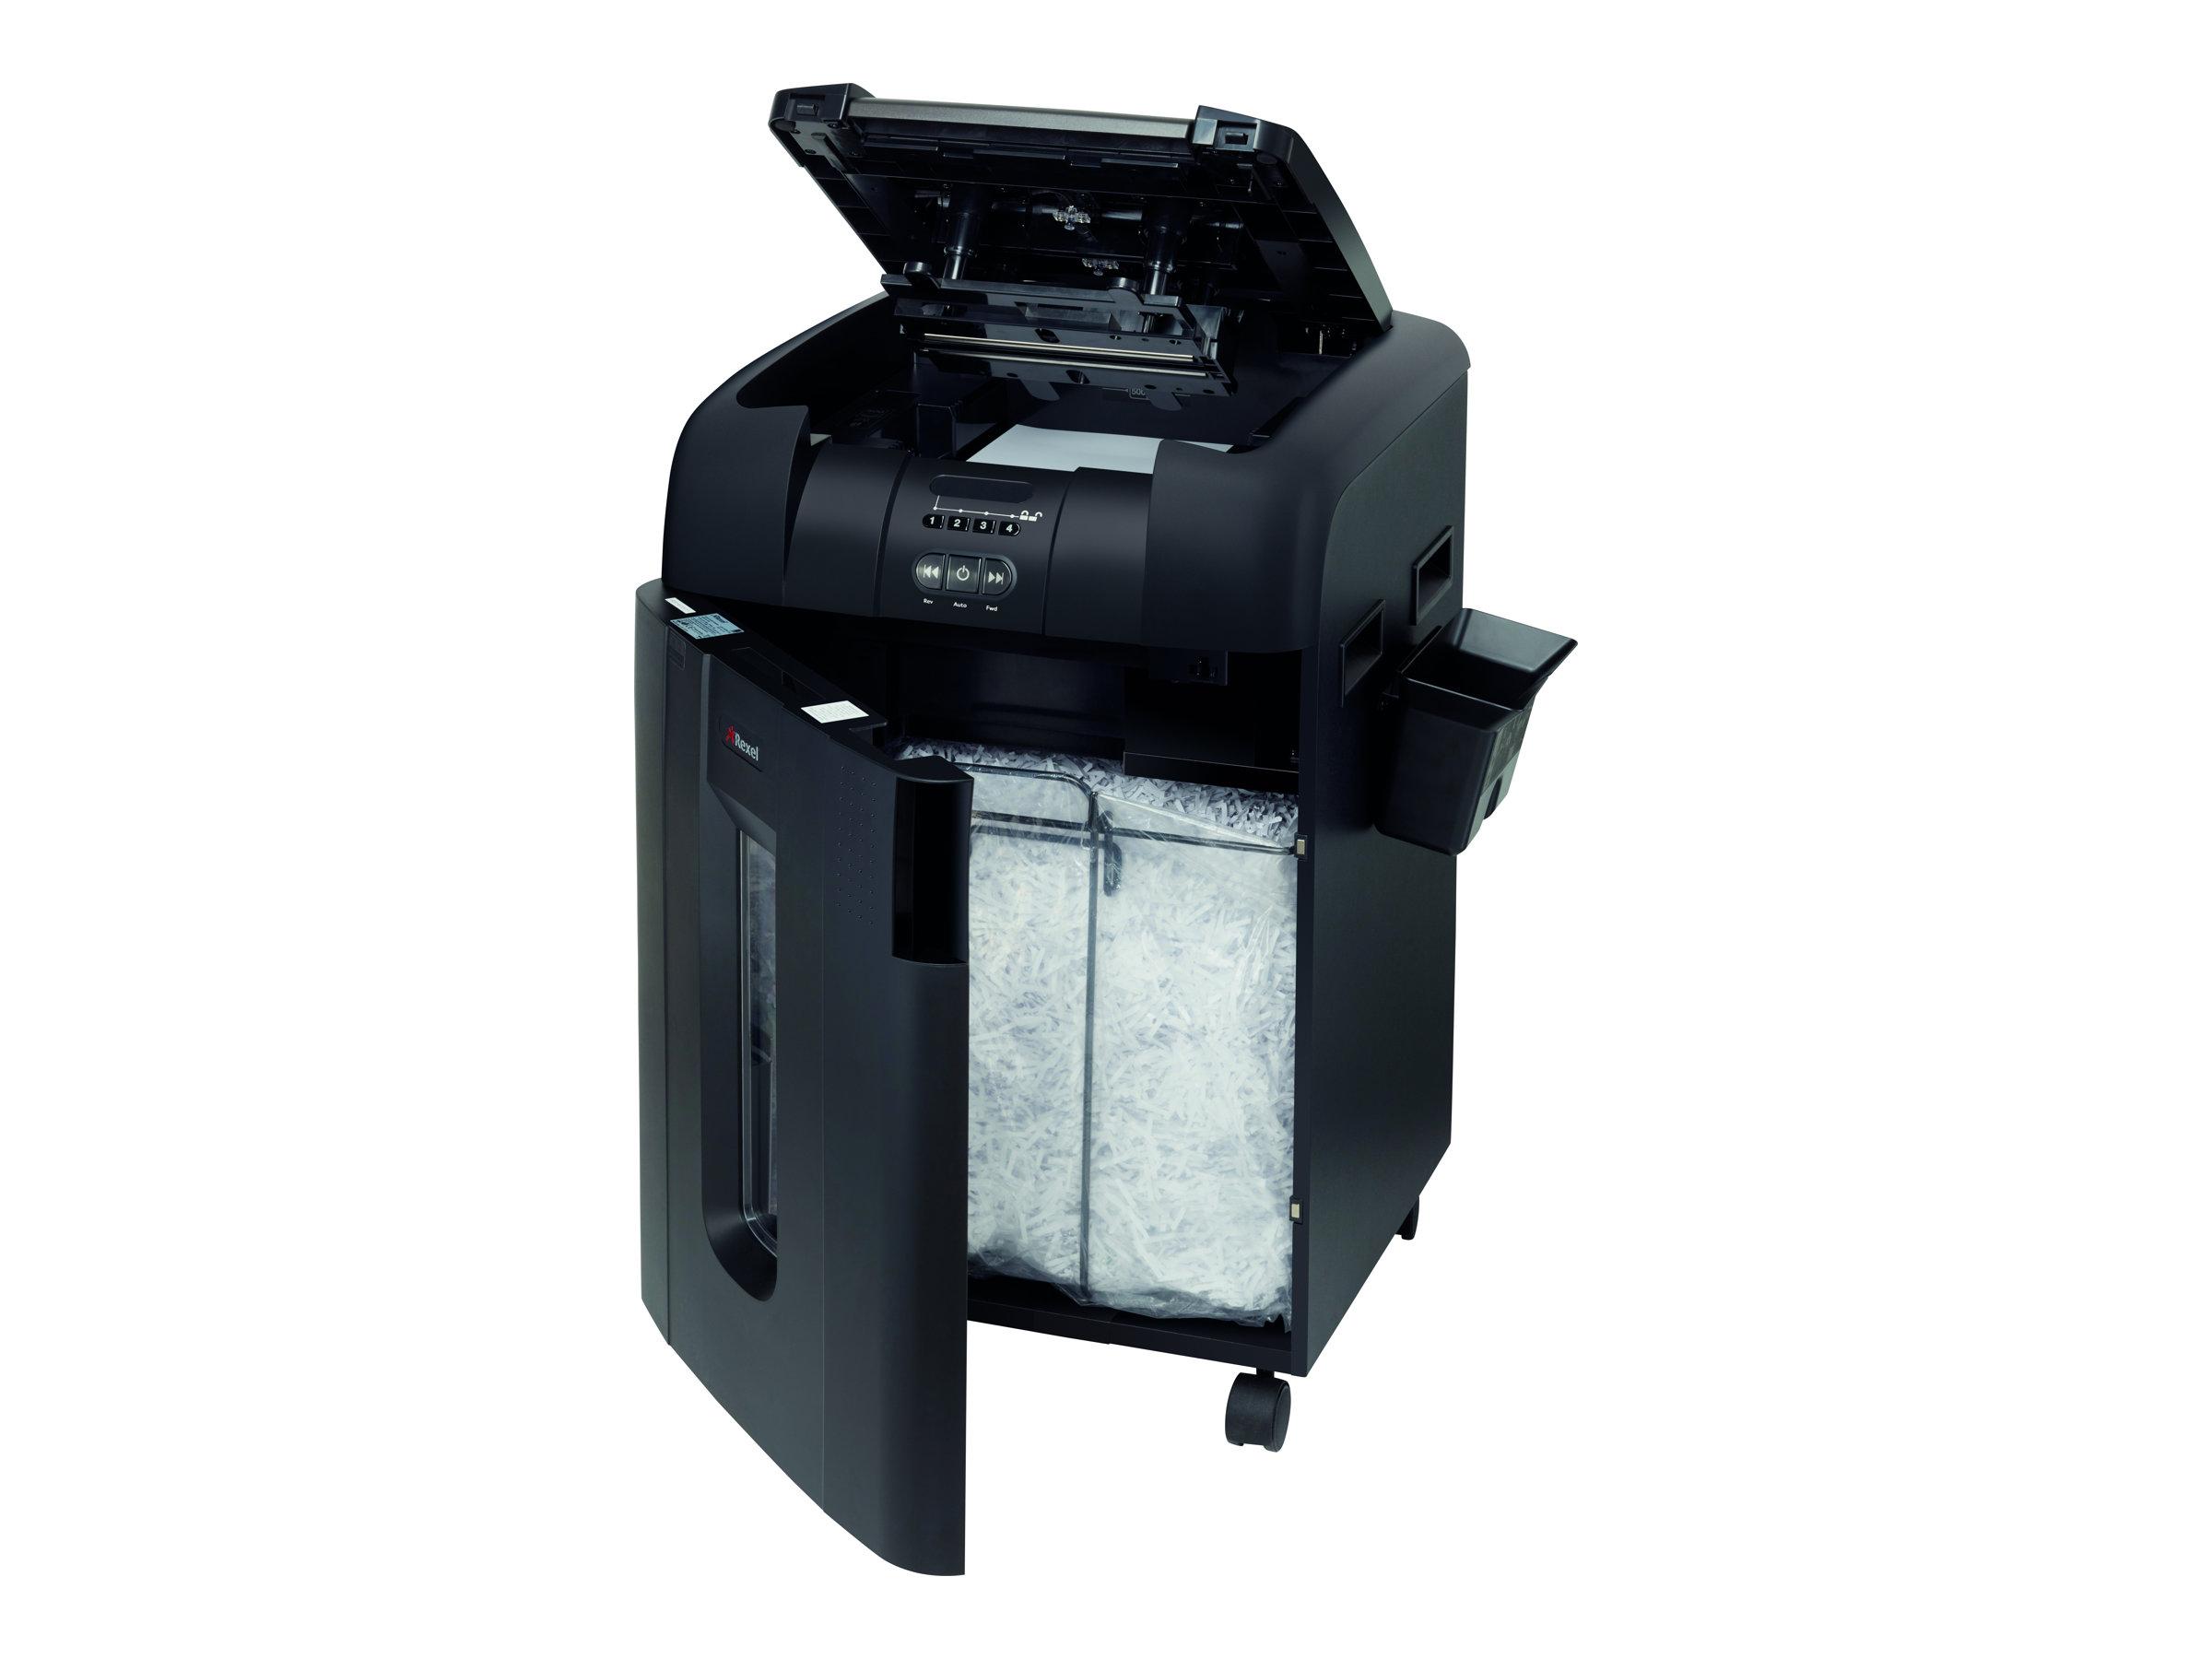 Rexel Auto+ 600X - destructeur de documents coupe croisée - 600 feuilles - Corbeille 80 litres